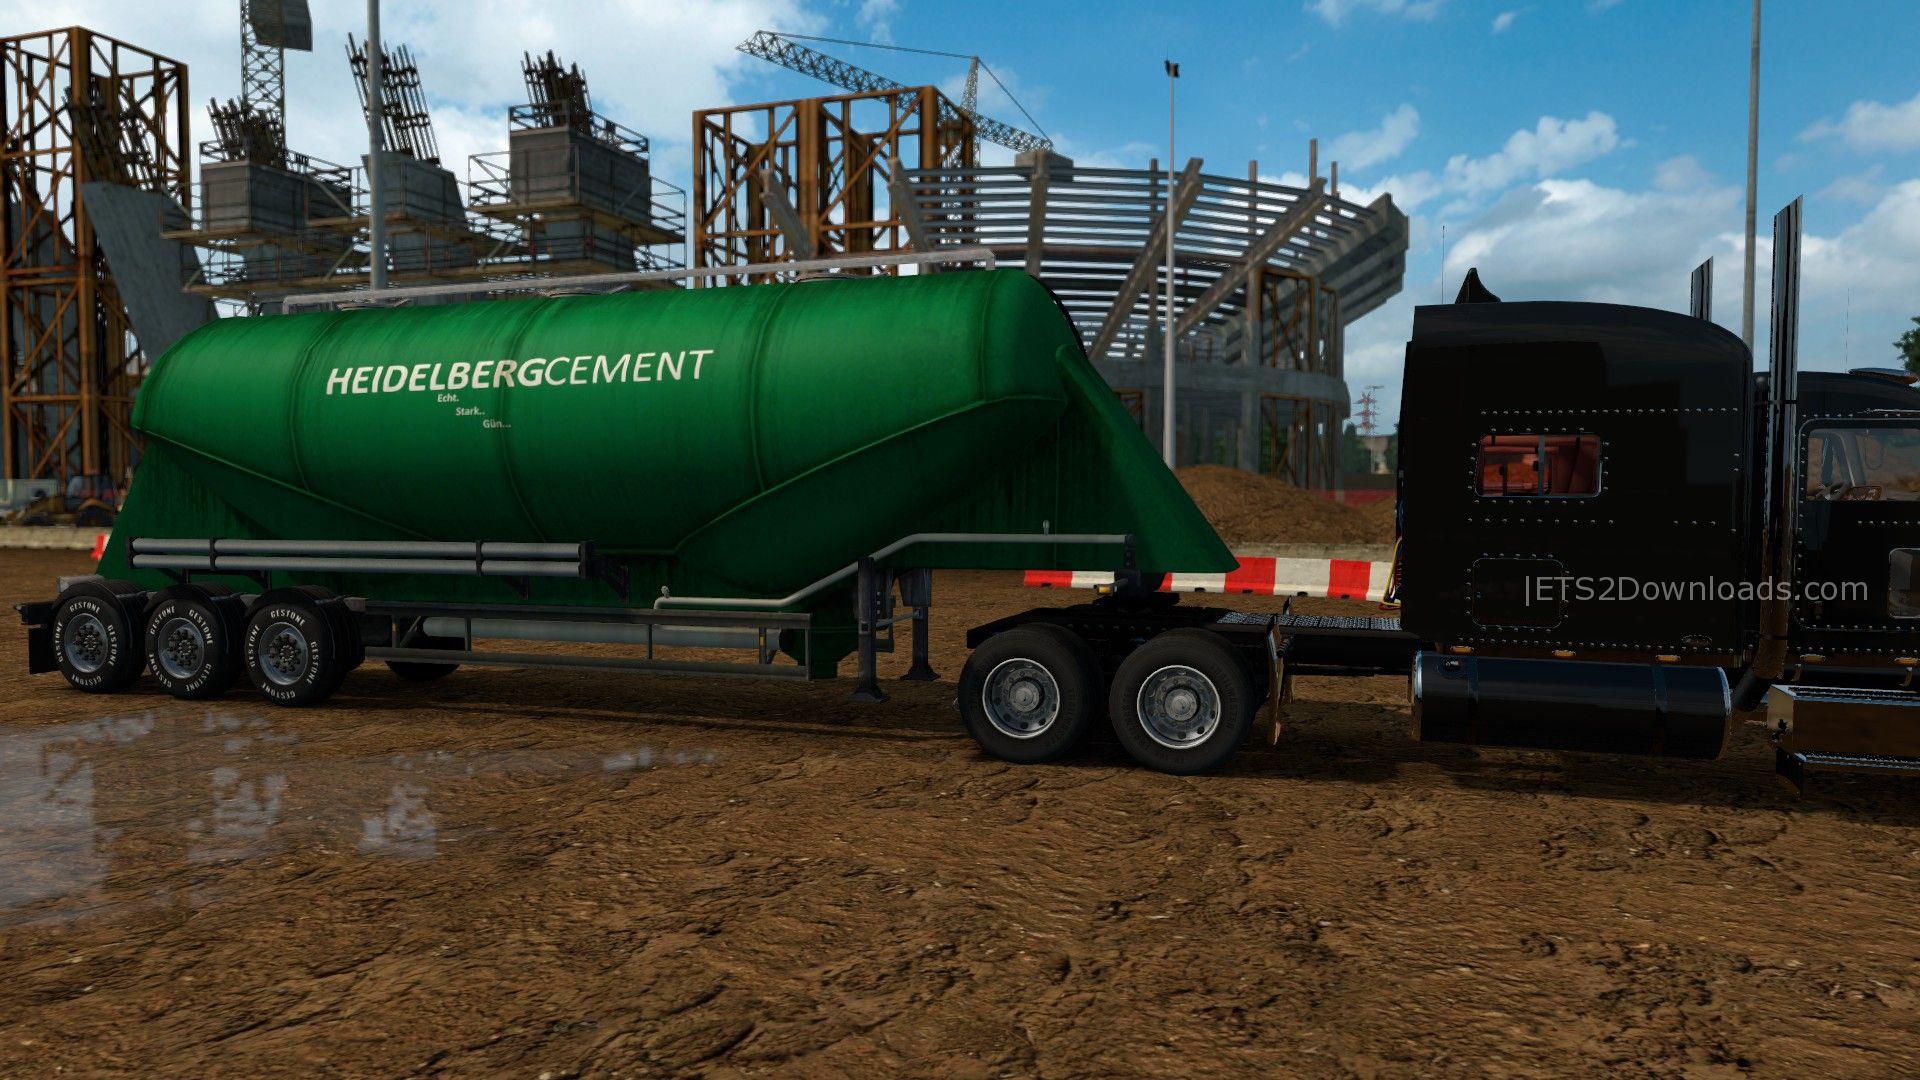 heidelberg-cement-trailer